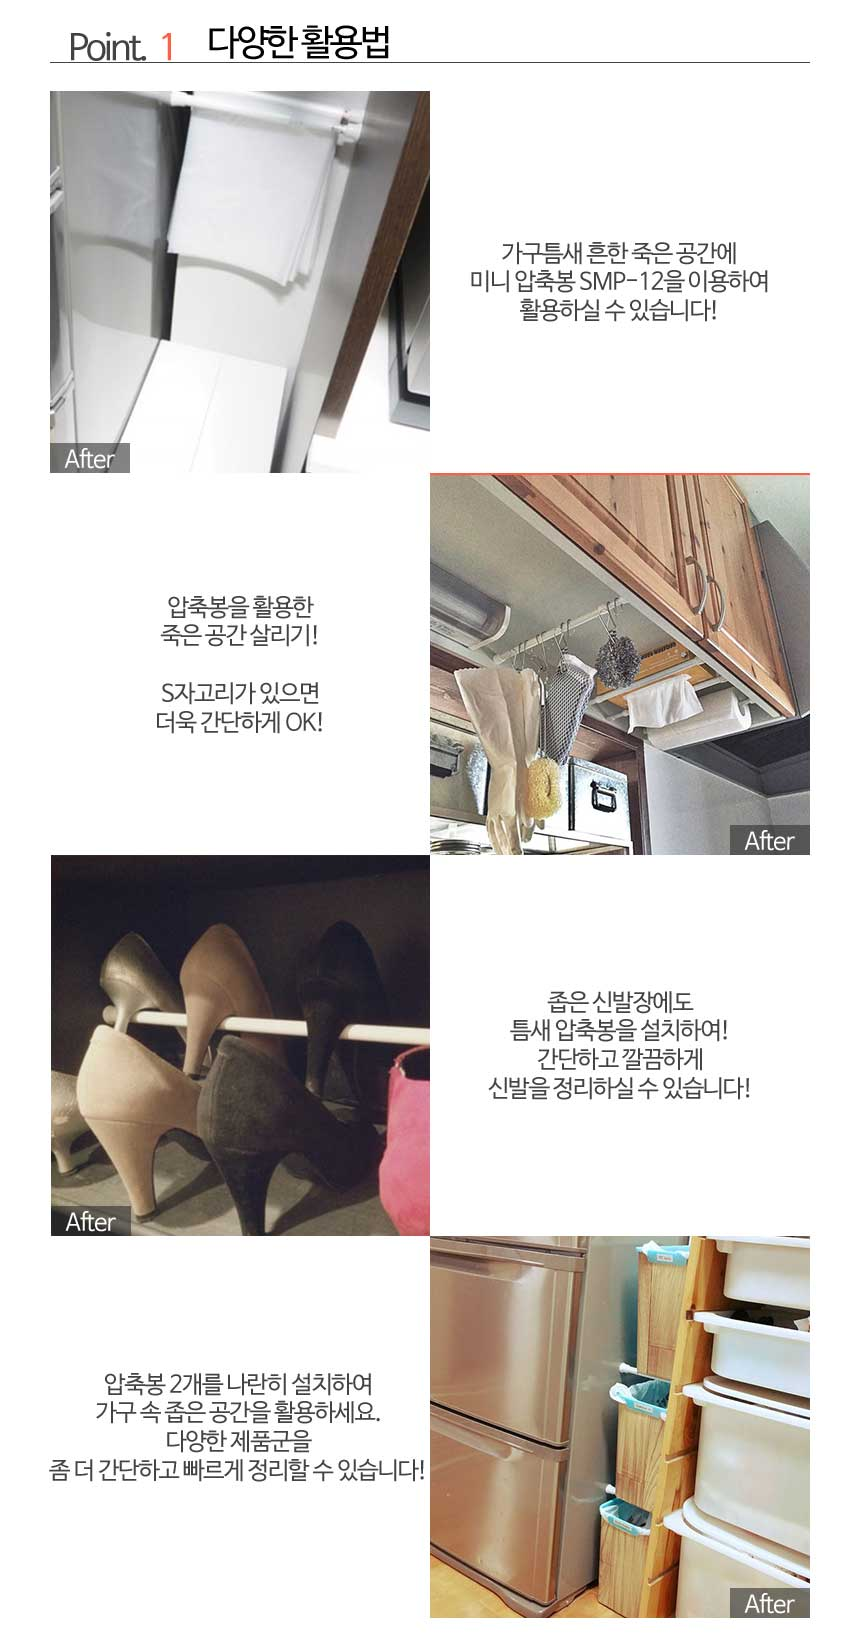 다용도 틈새 압축봉 SMP-12 - 헤이안신도2, 4,200원, 행거/드레스룸/옷걸이, 파이프행거